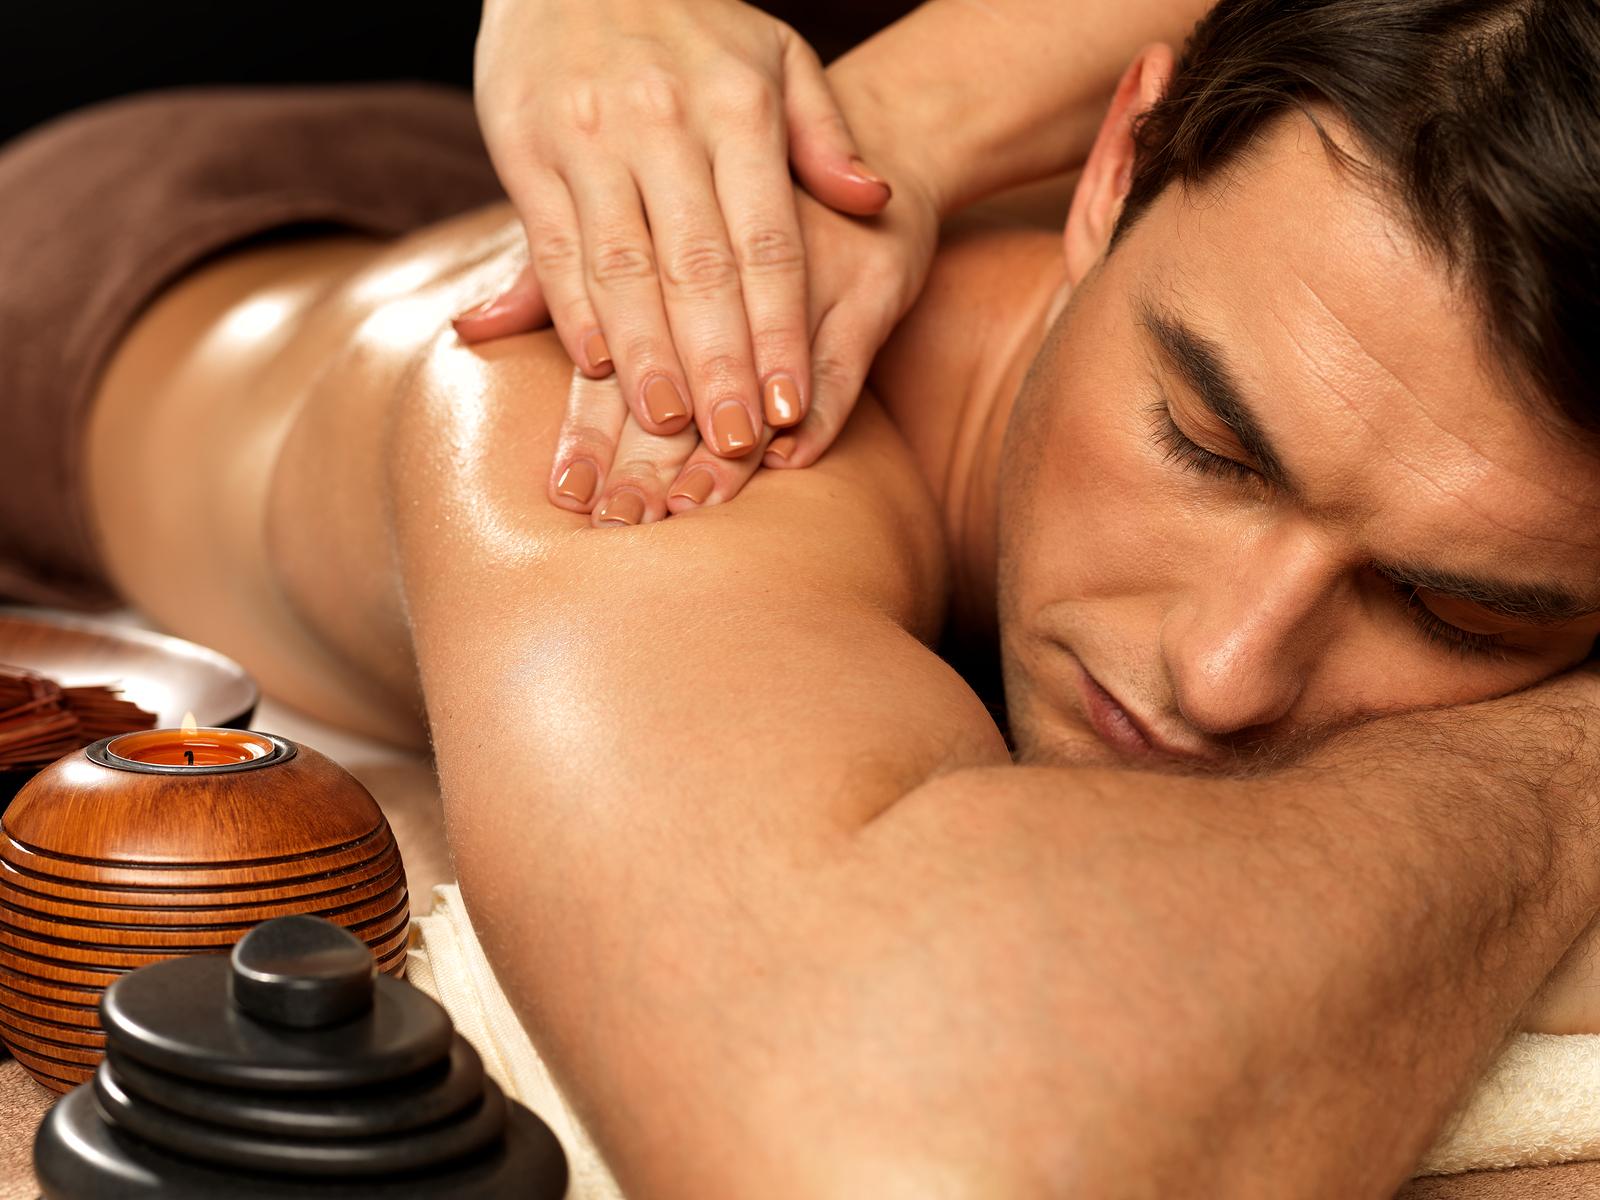 spa trelleborg nuru massage sverige